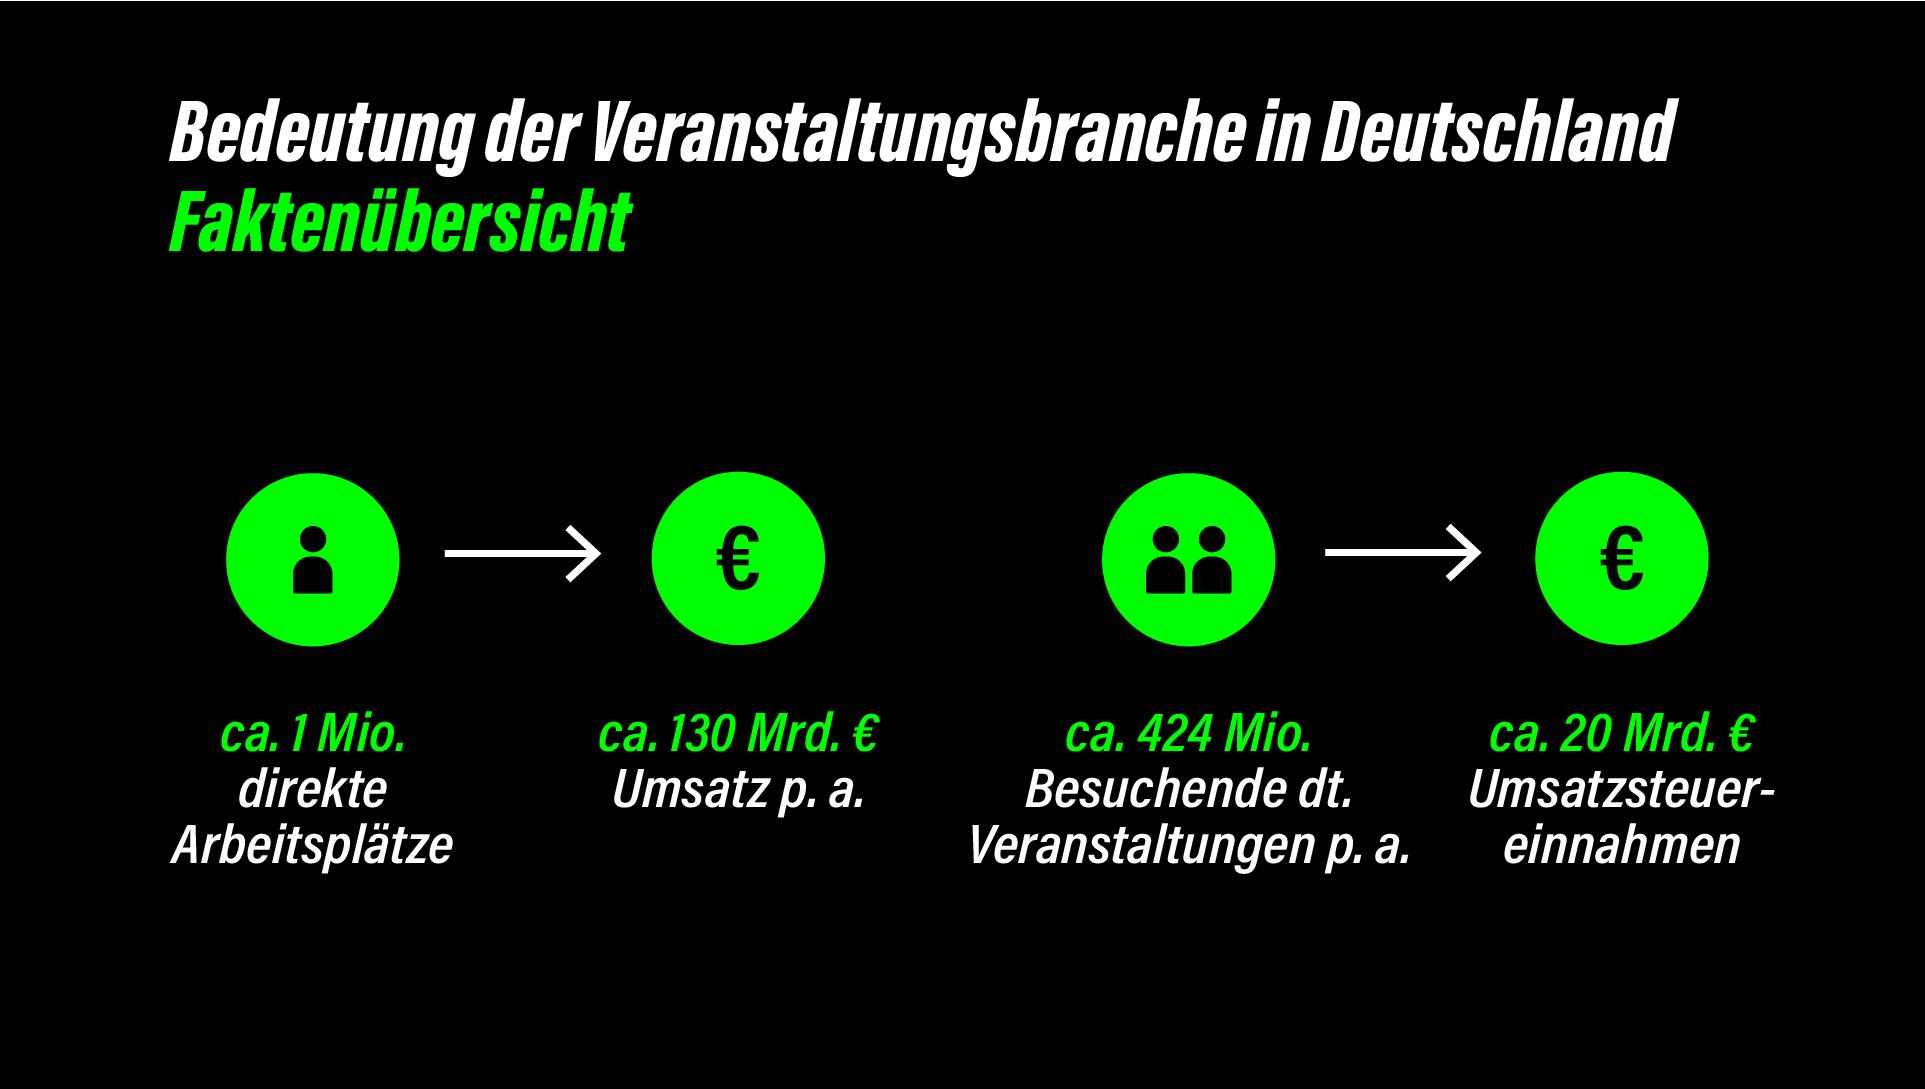 VW_Faktenübersicht